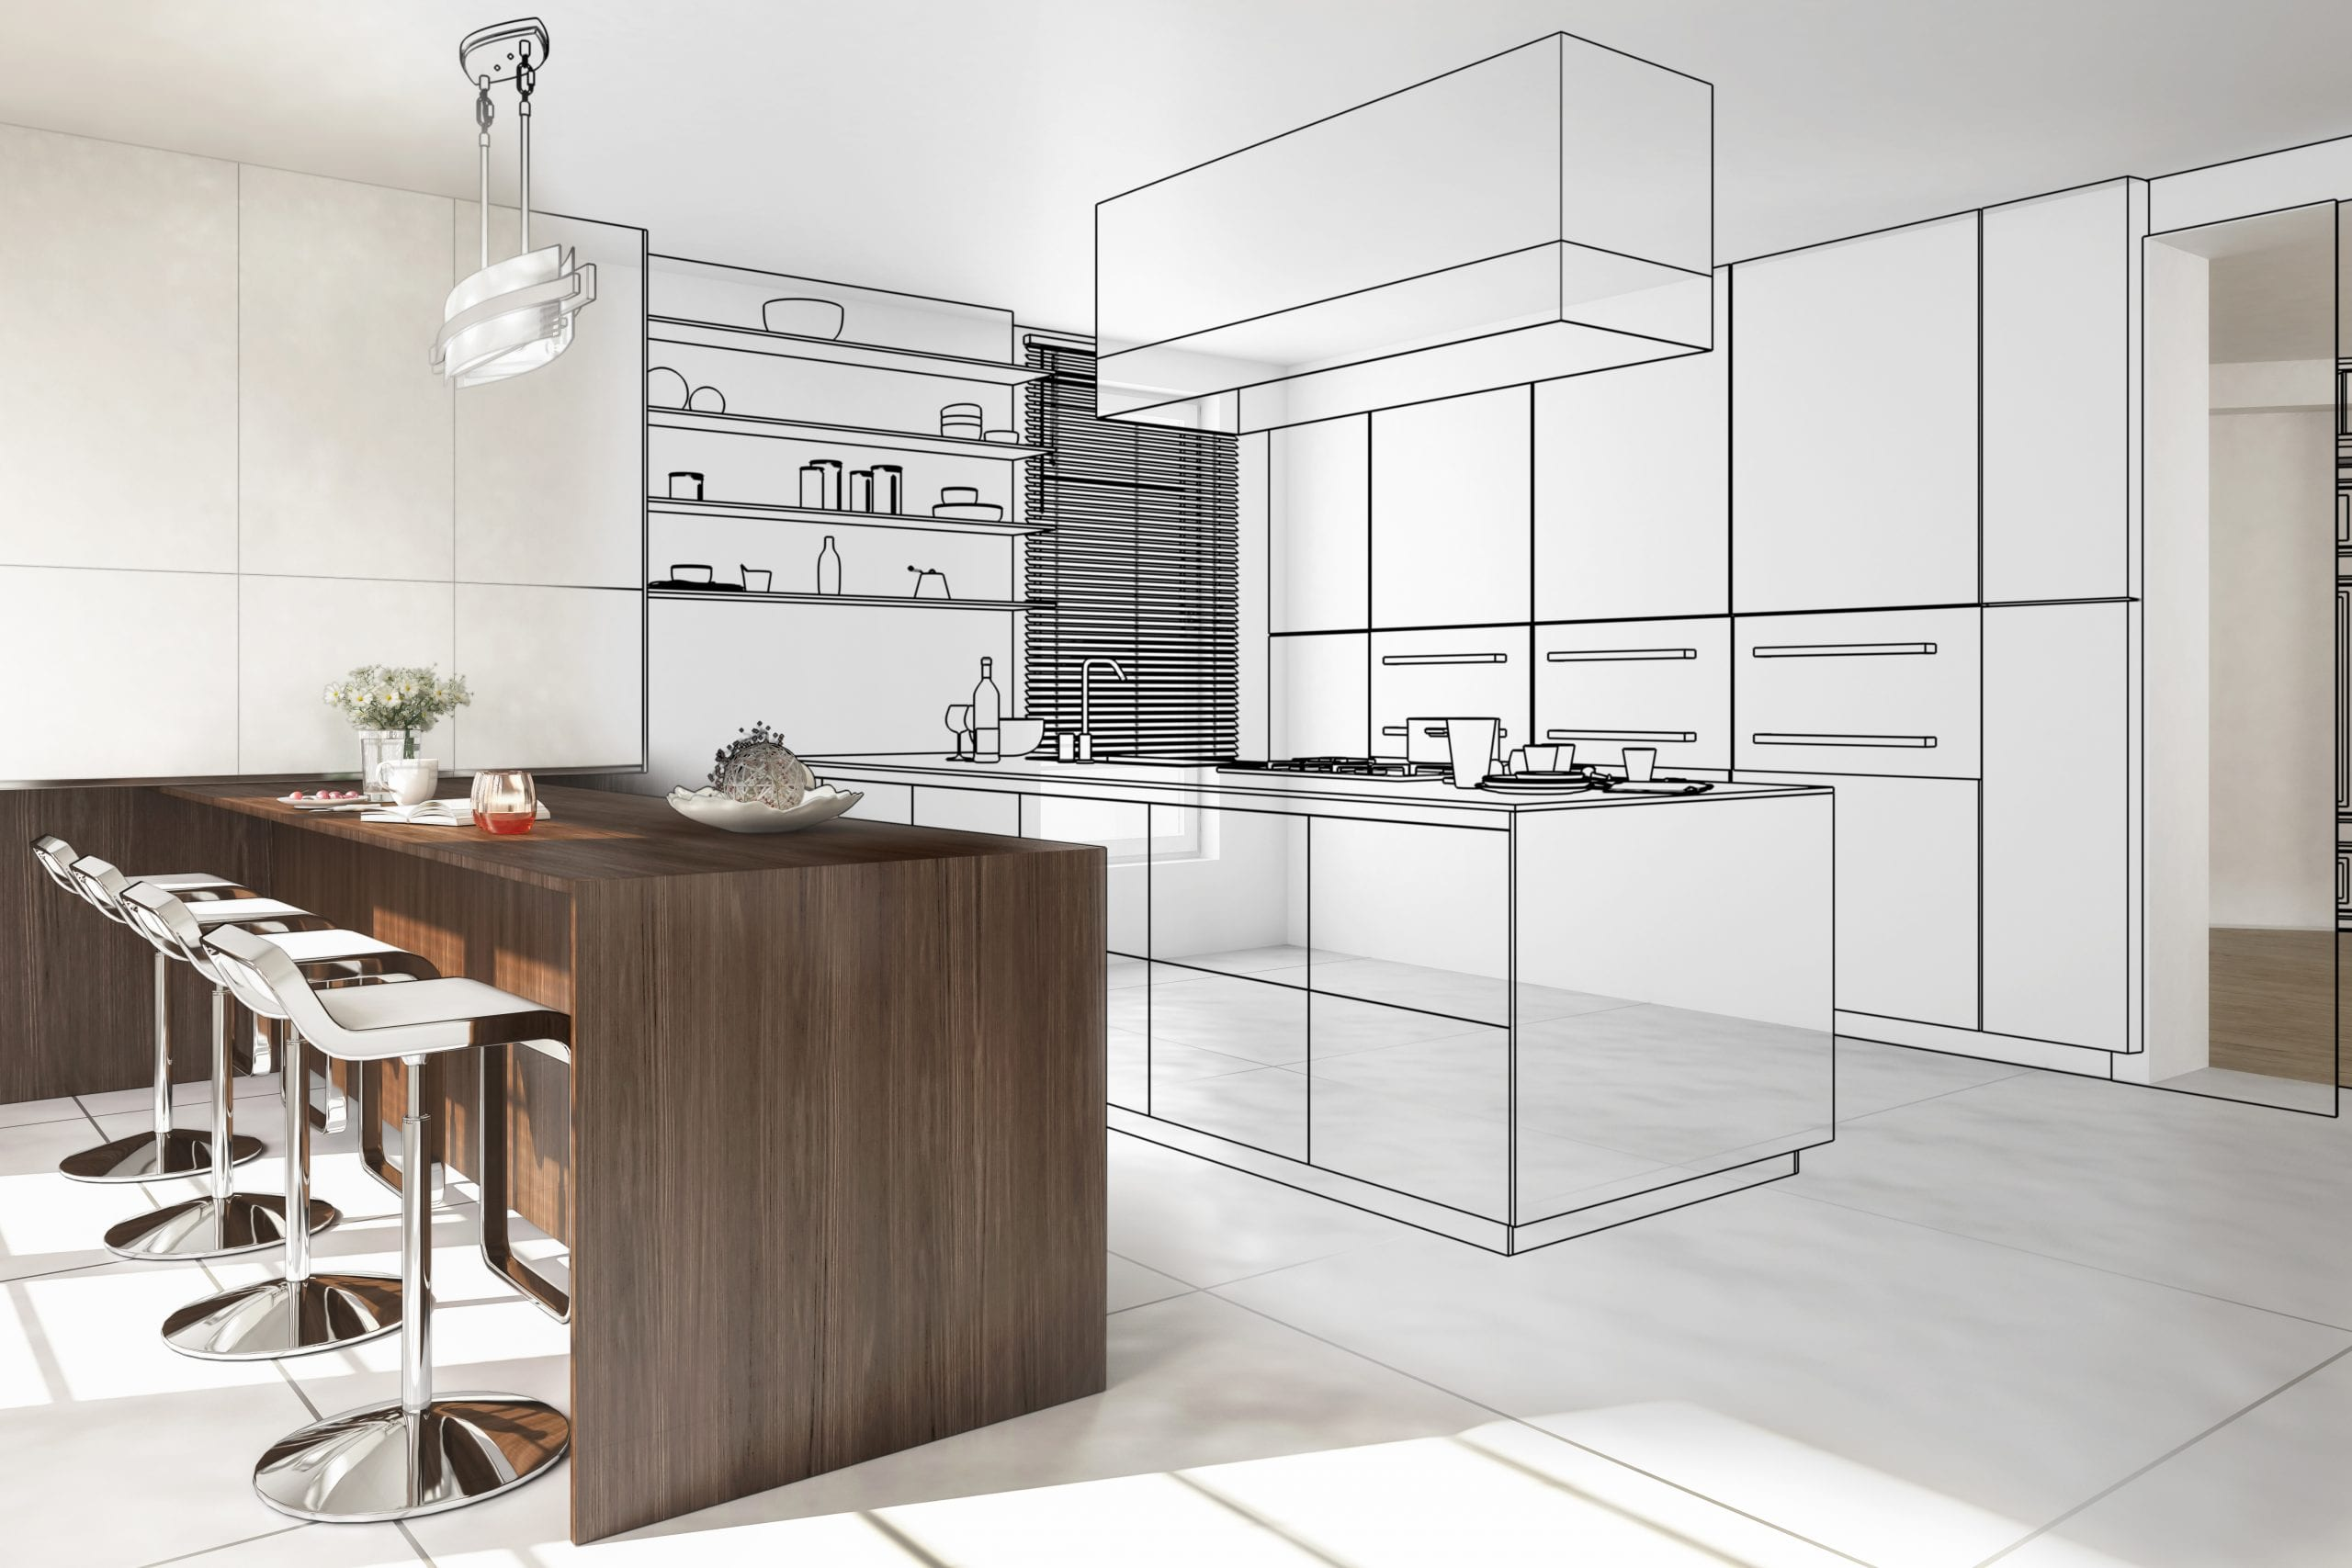 Kitchen design plans being drawn in 3D